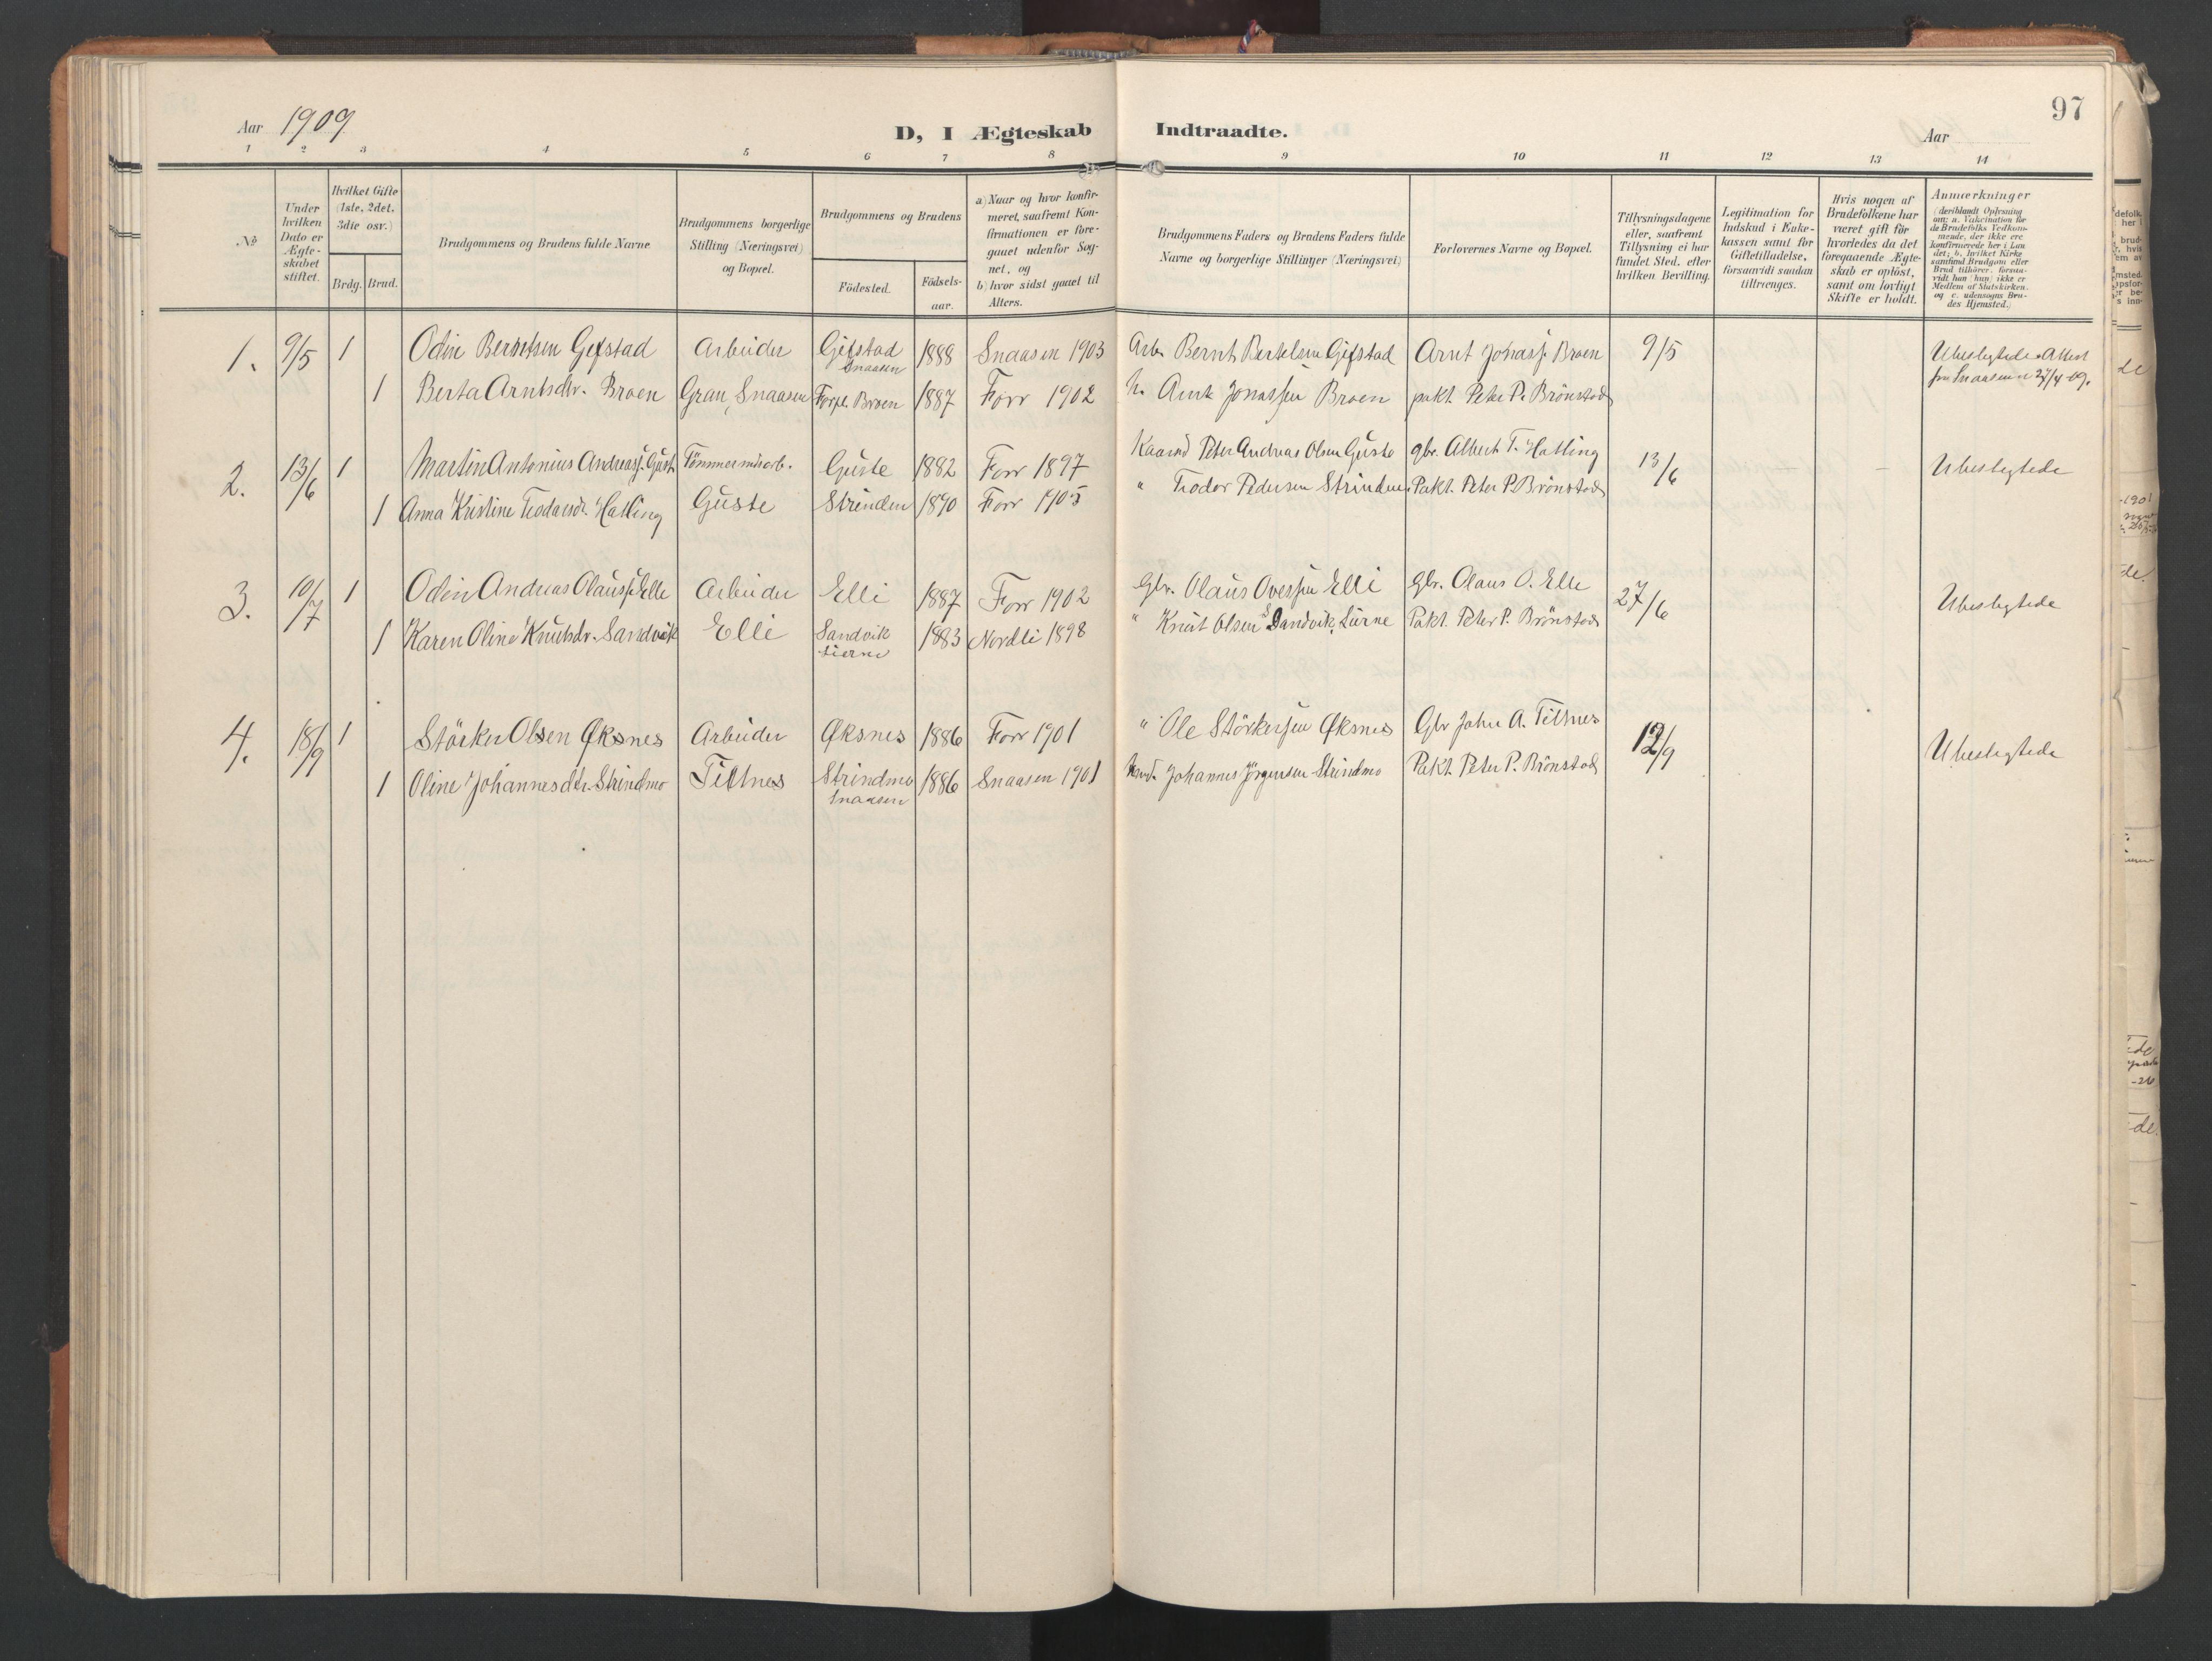 SAT, Ministerialprotokoller, klokkerbøker og fødselsregistre - Nord-Trøndelag, 746/L0455: Klokkerbok nr. 746C01, 1908-1933, s. 97